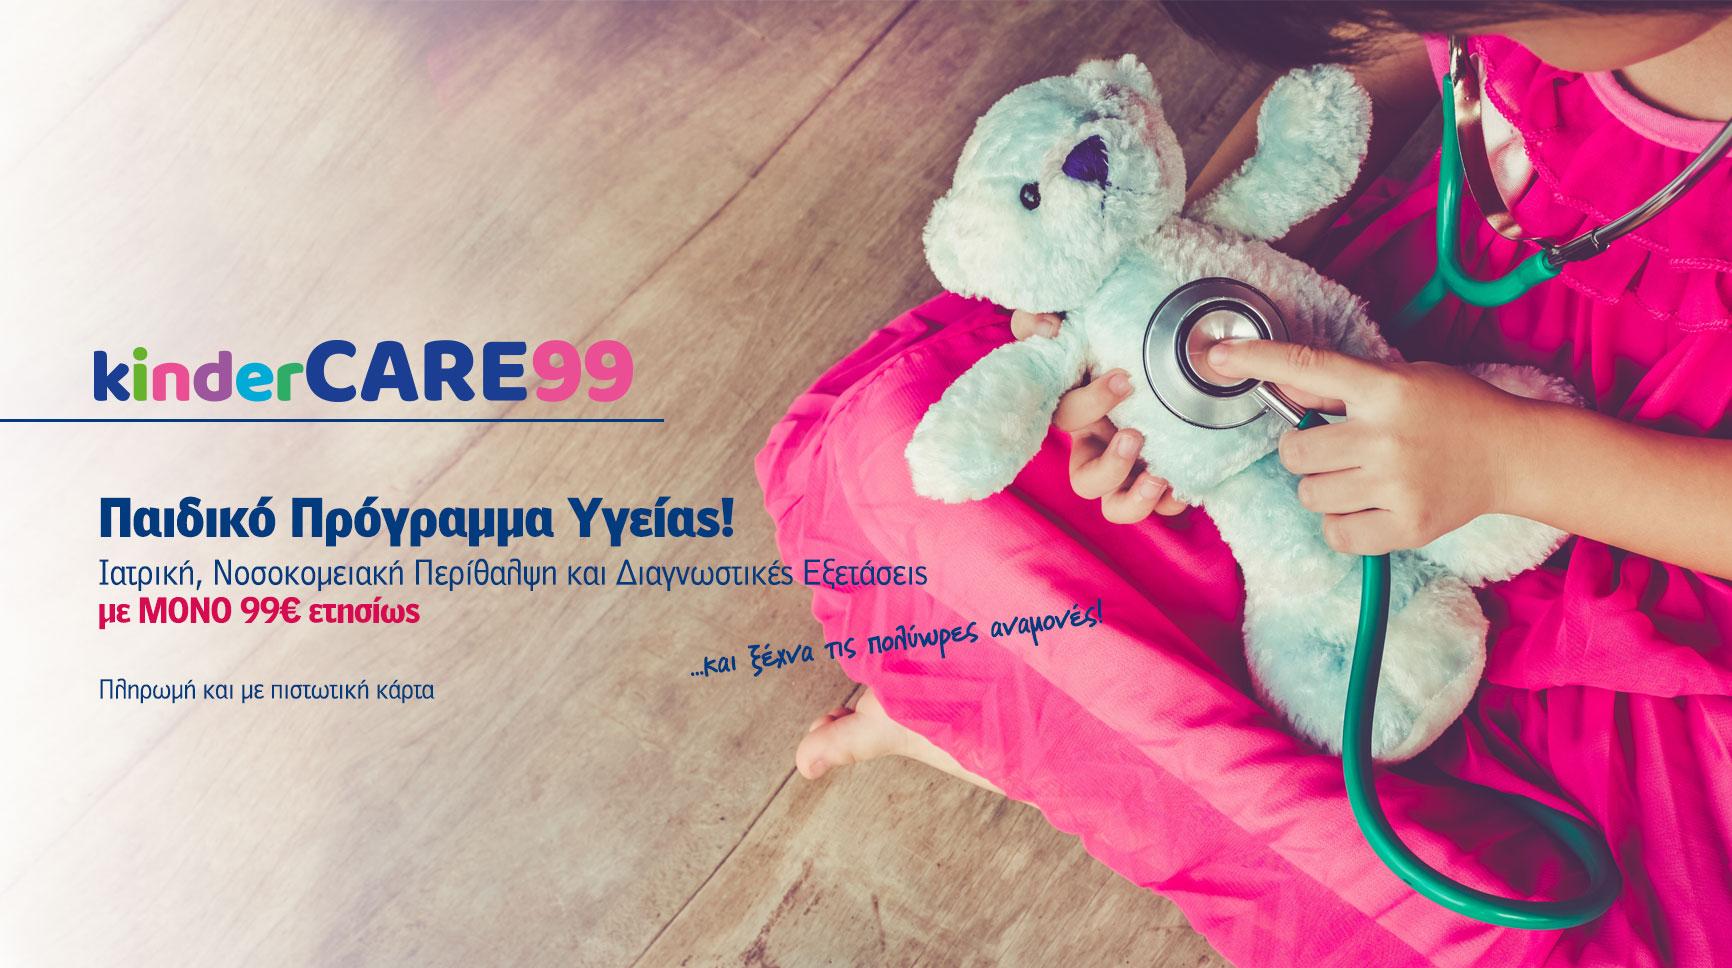 ασφάλεια υγείας παιδιού kindercare99